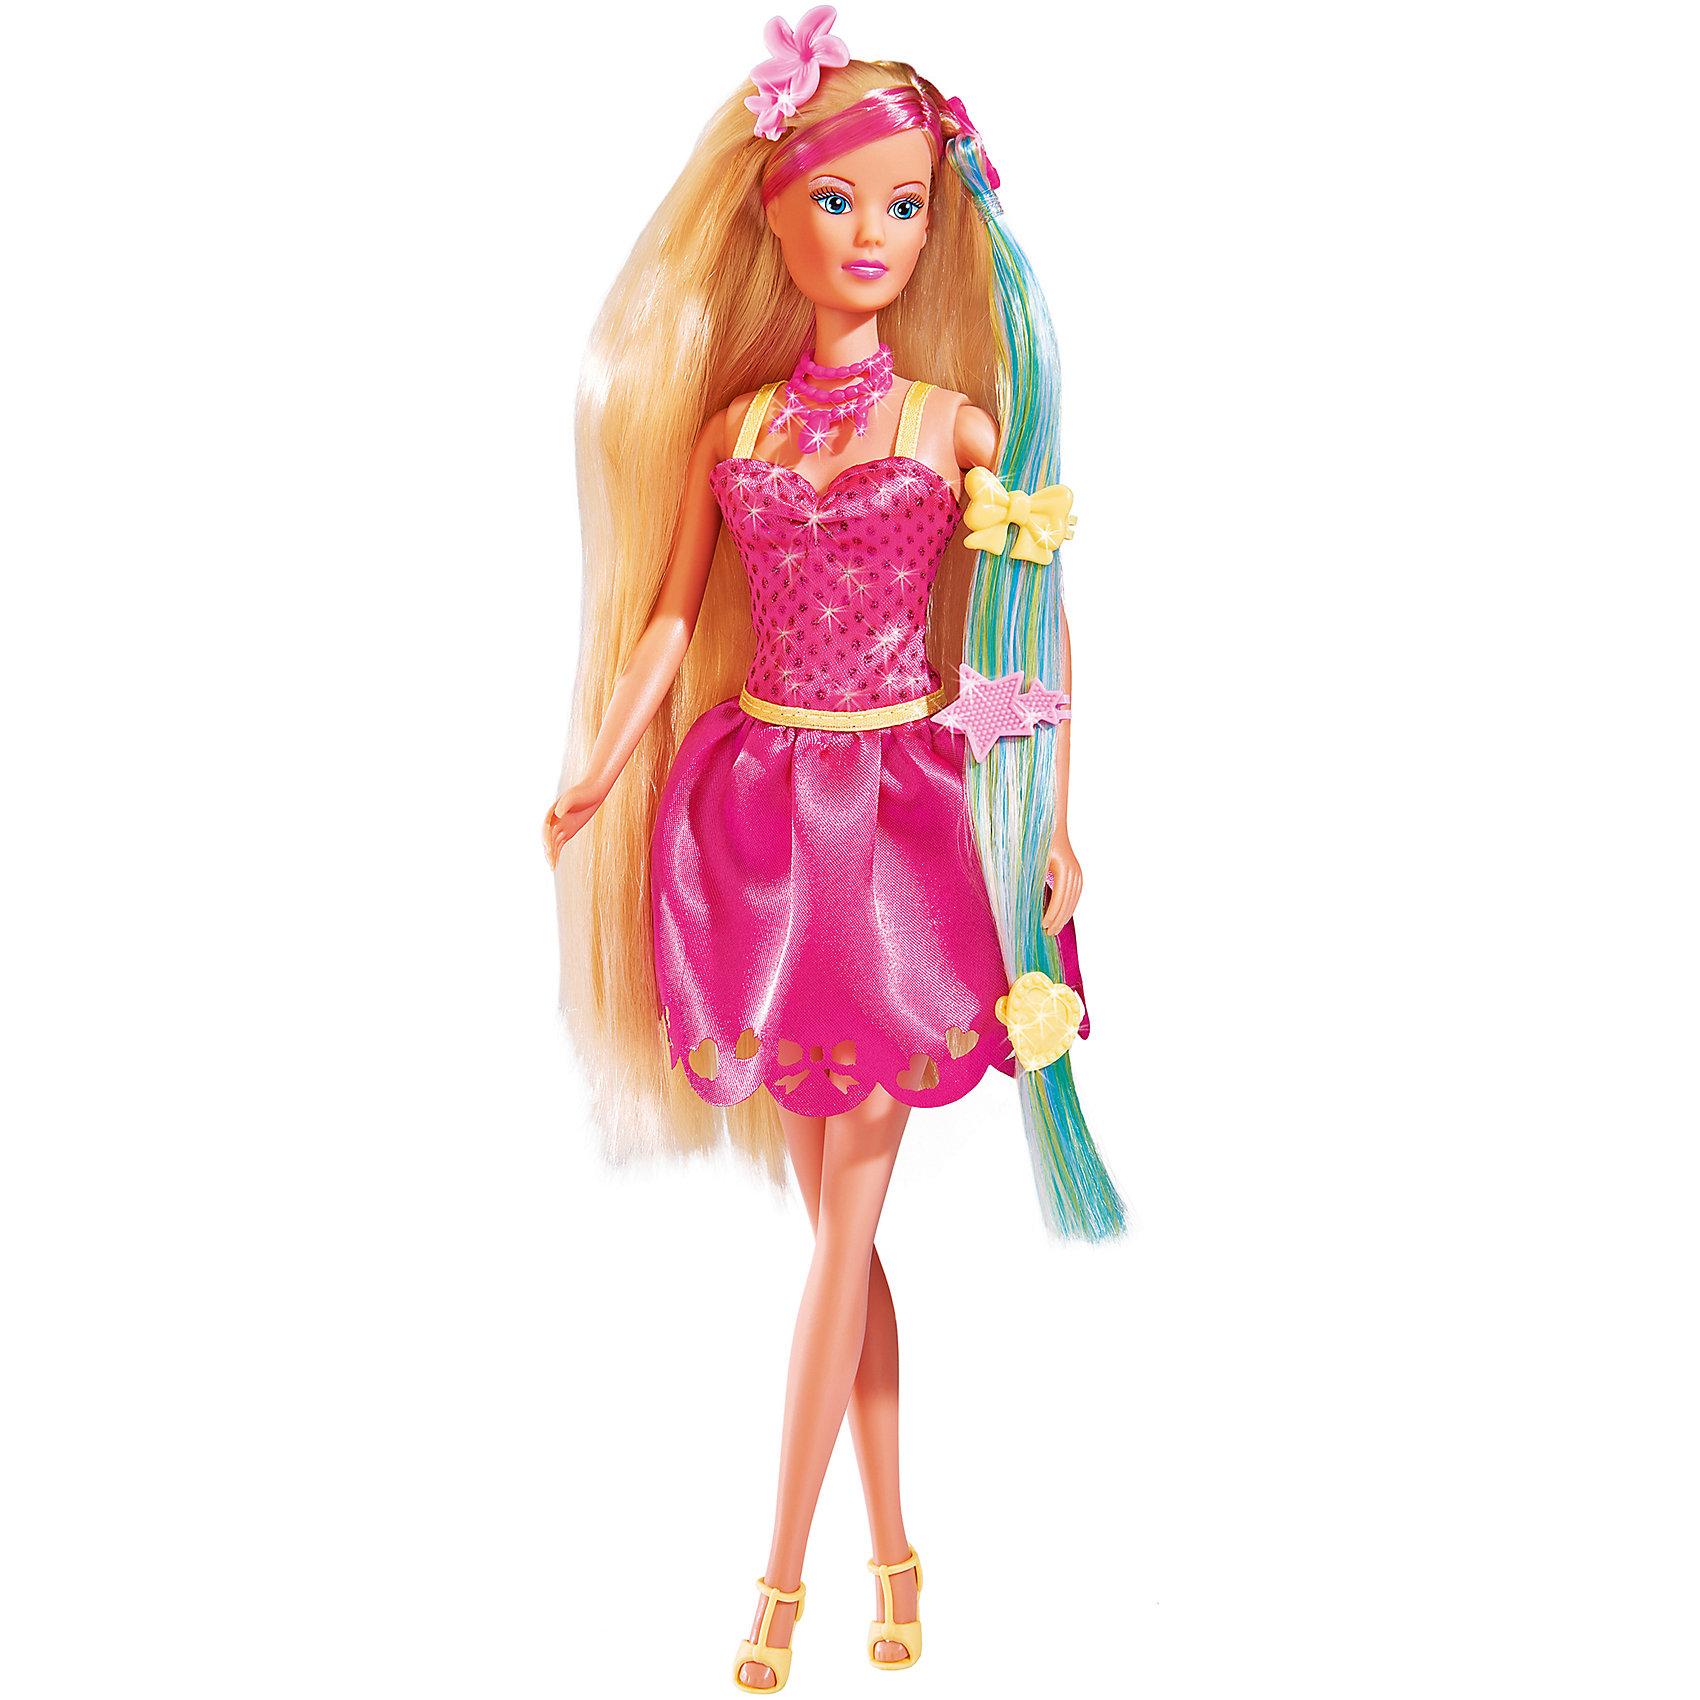 Кукла Штеффи Стильные волосы, 29 см, SimbaКуклы-модели<br>Характеристики товара:<br><br>• возраст от 3 лет<br>• материал: пластик, текстиль<br>• в комплекте: кукла, аксессуары<br>• высота куклы 29 см<br>• размер упаковки 33х10х5 см<br>• страна бренда: Германия<br>• страна производитель: Китай<br><br>Кукла Штеффи «Стильные волосы» Simba одета в яркое розовое платье и стильные туфельки. У Штеффи густые длинные волосы, которые девочка сможет расчесывать, заплетать и украшать. В наборе дополнительная прядь для волос и заколочки для придания кукле неповторимого образа.<br><br>Куклу Штеффи «Стильные волосы» Simba можно приобрести в нашем интернет-магазине.<br><br>Ширина мм: 50<br>Глубина мм: 325<br>Высота мм: 120<br>Вес г: 2580<br>Возраст от месяцев: 36<br>Возраст до месяцев: 2147483647<br>Пол: Женский<br>Возраст: Детский<br>SKU: 5544436